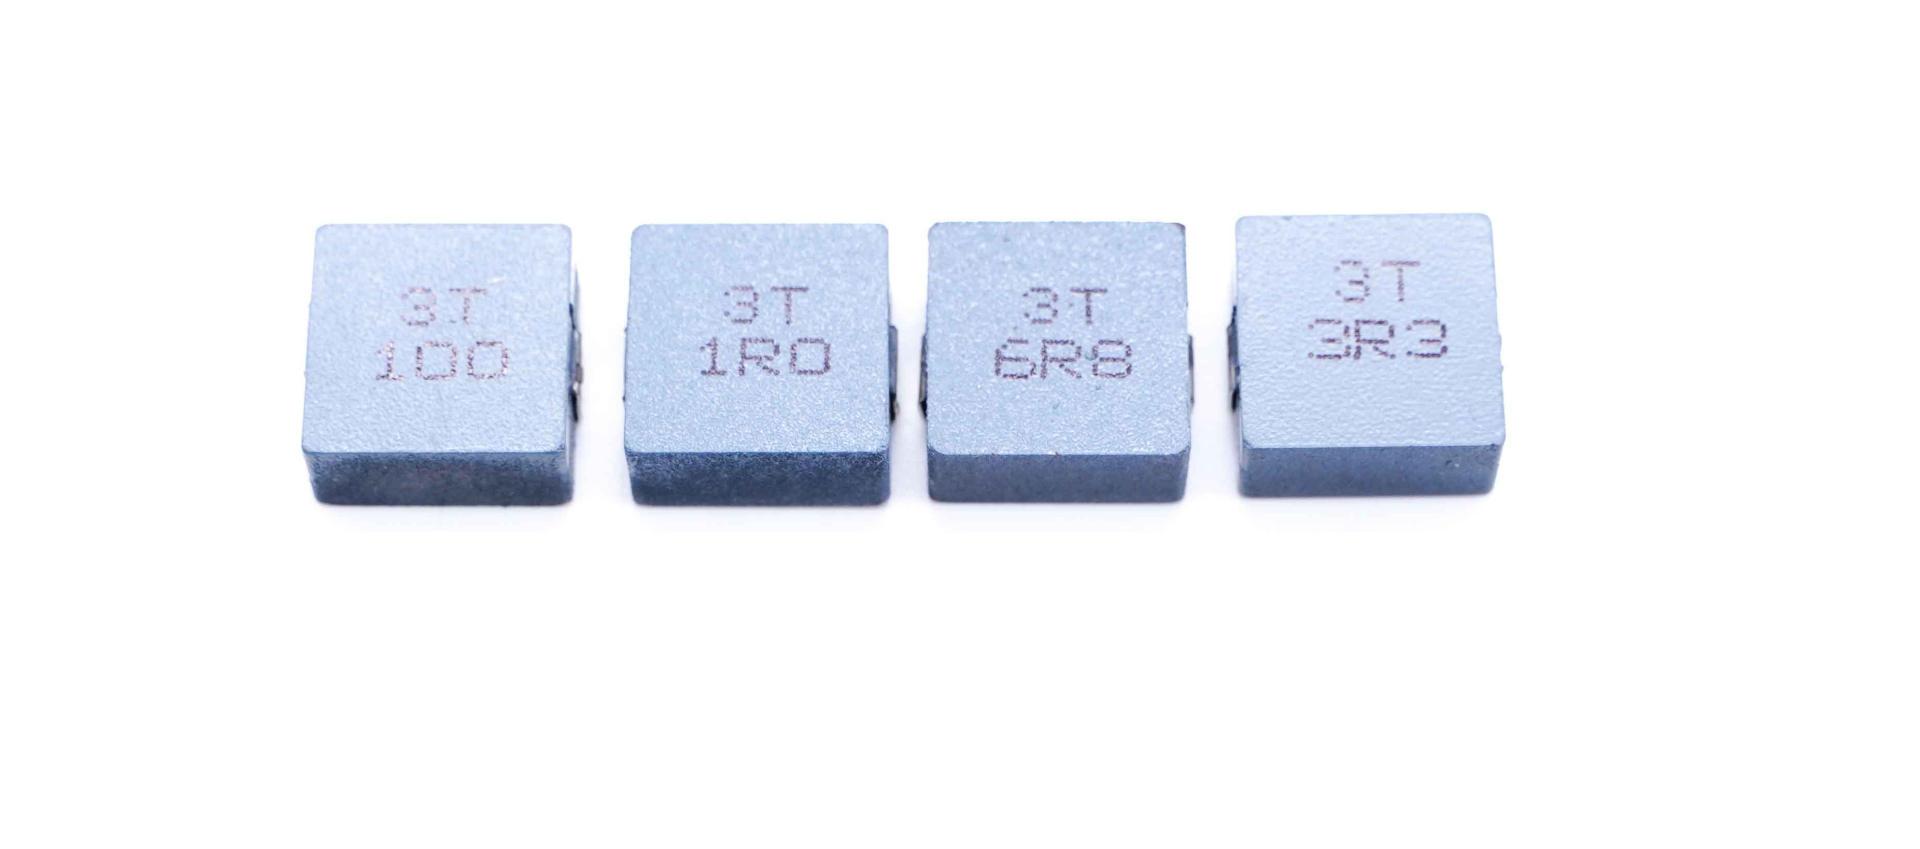 三体微优质电感启用全新3T电感标识